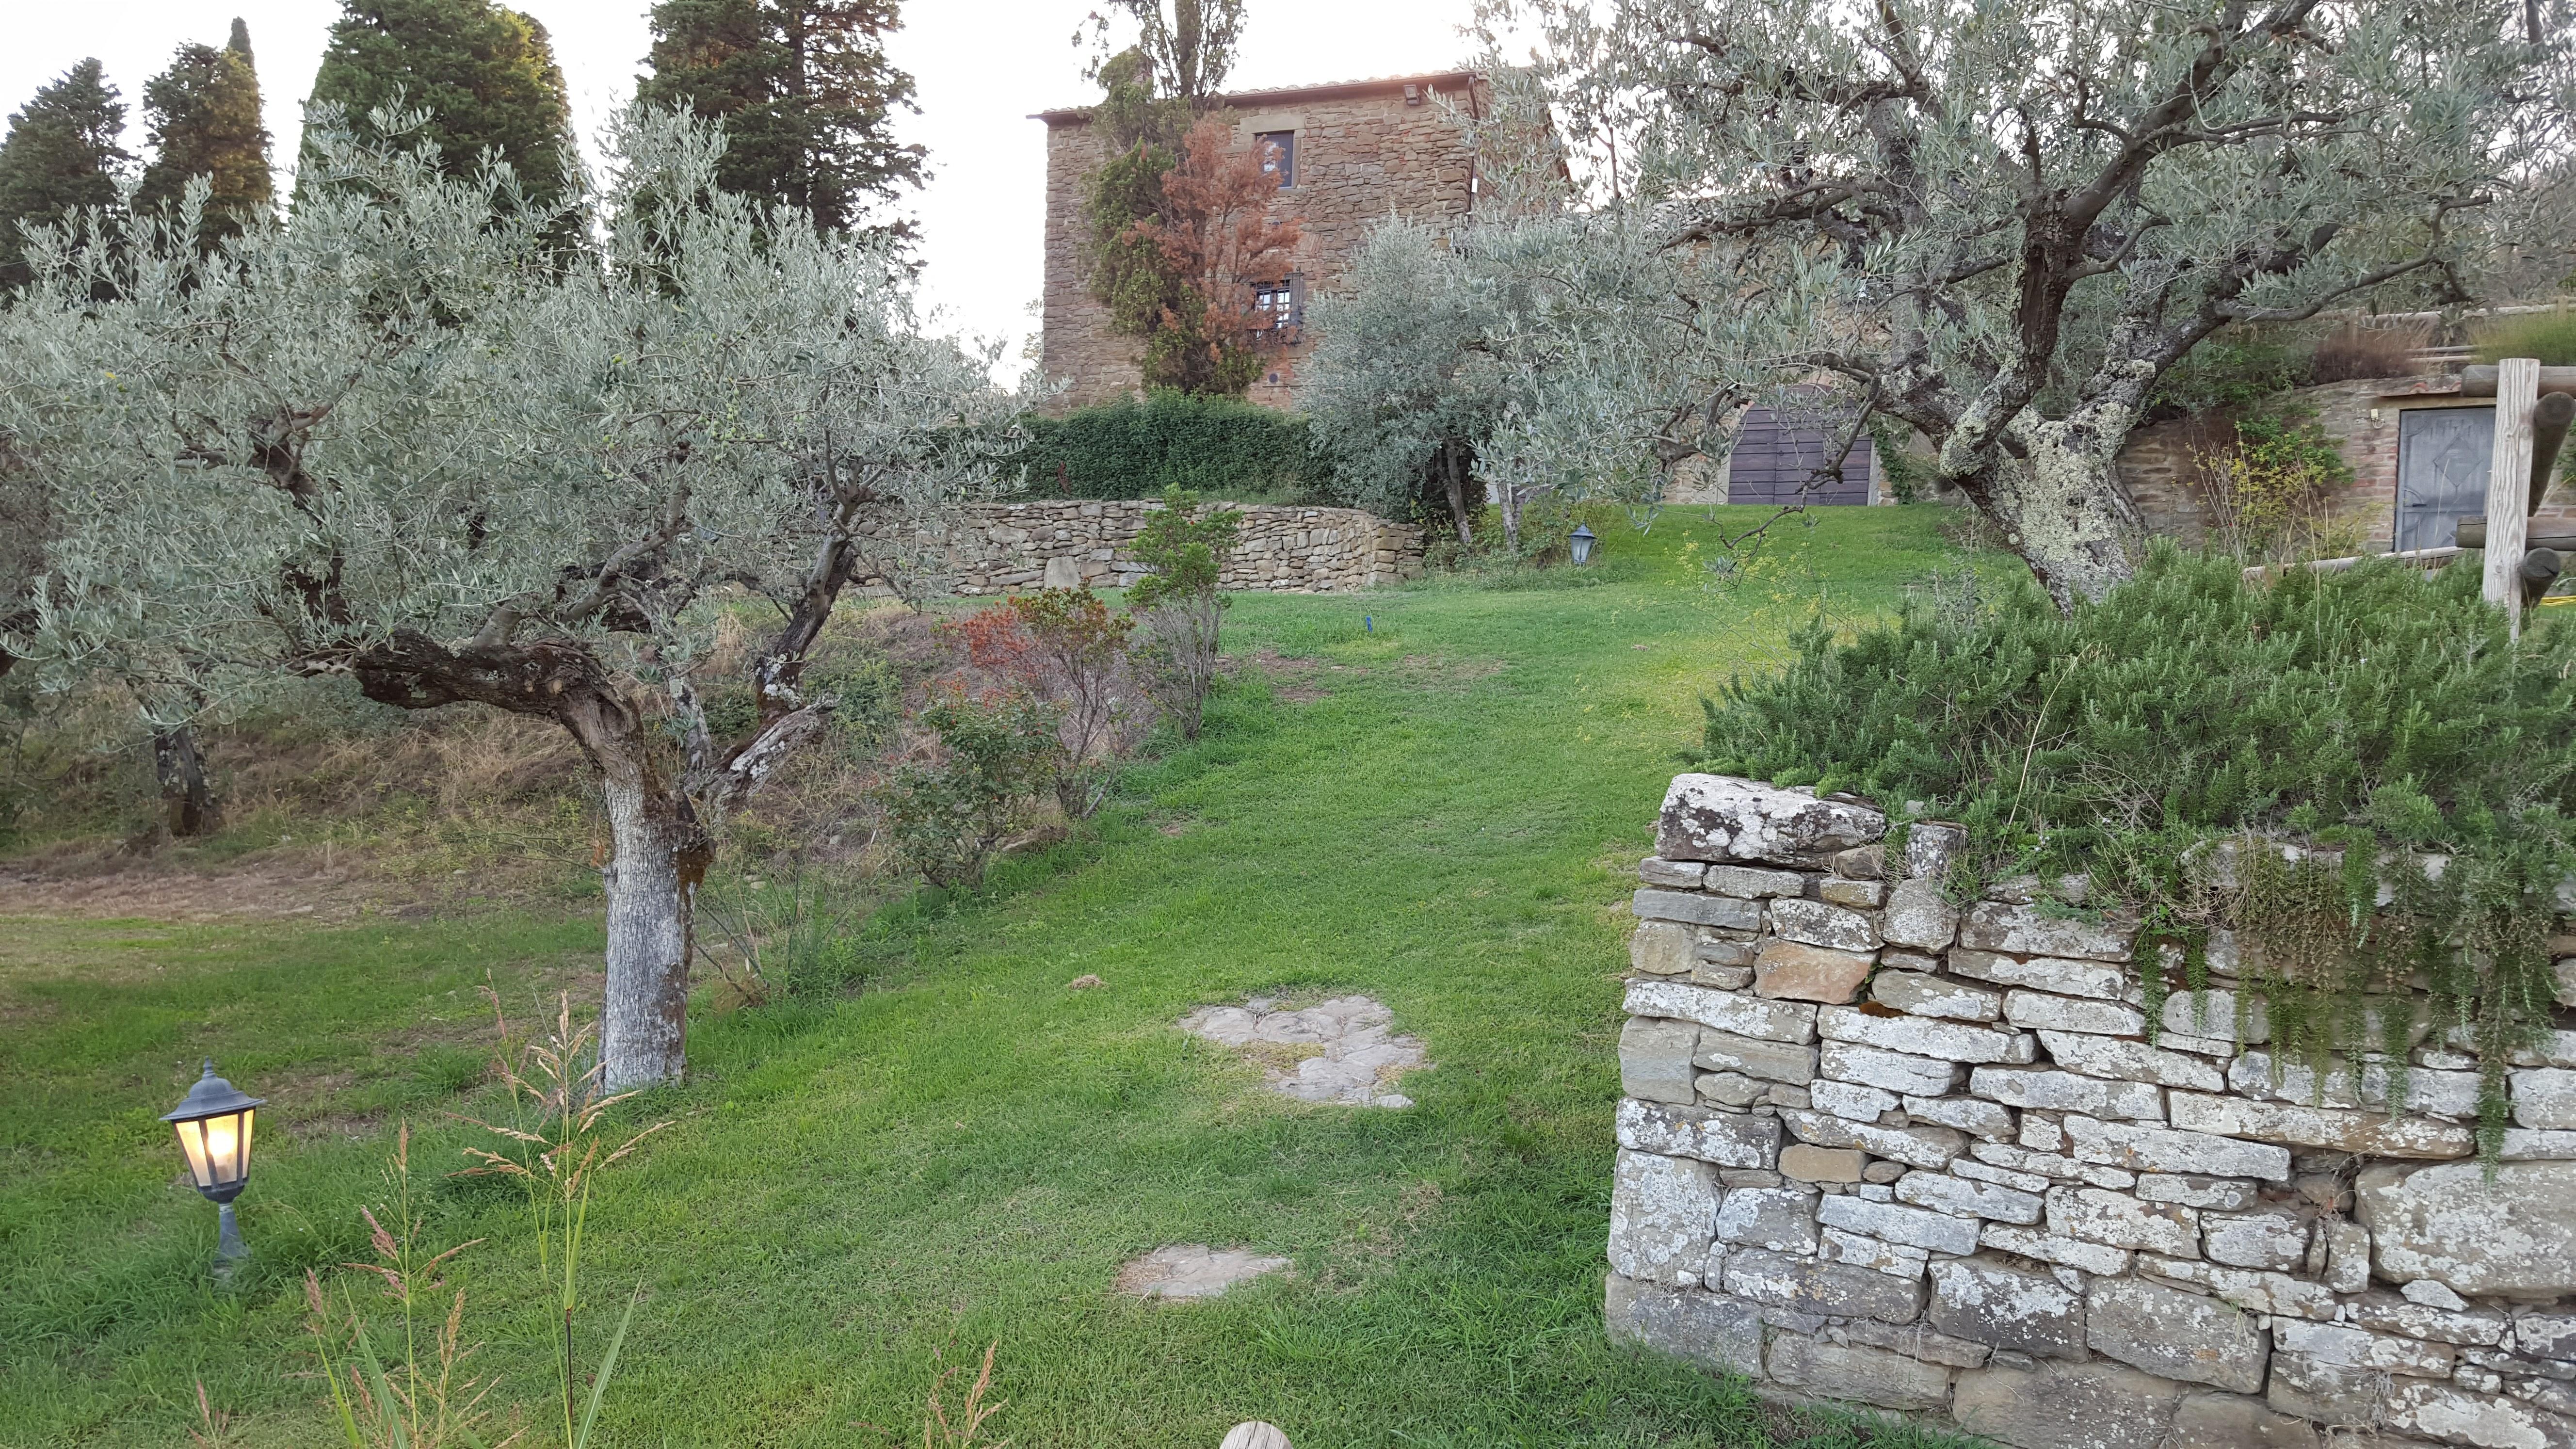 Italy photos by John 024